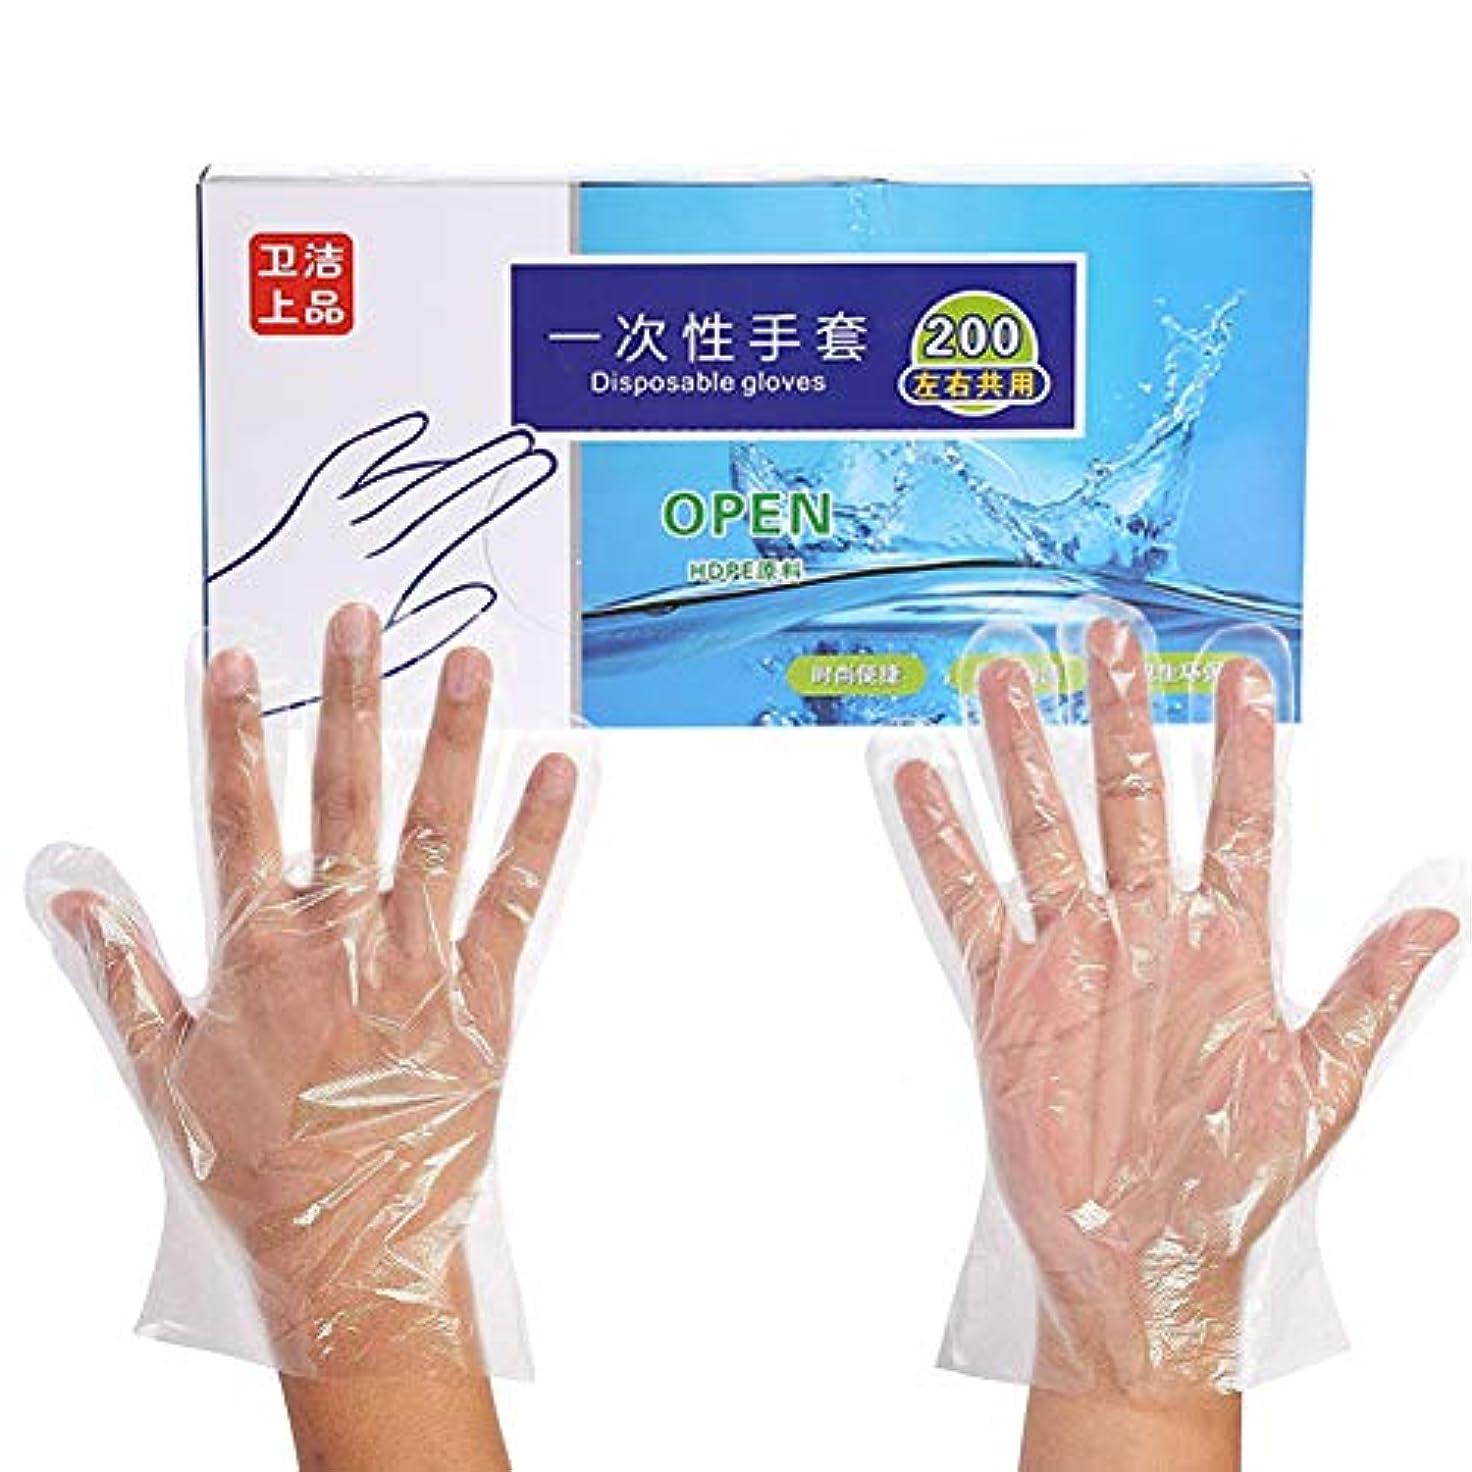 挑むパッドオールCangad 使い捨て手袋 極薄ビニール手袋 ポリエチ手袋 左右兼用 透明 調理用 食品 実用 セット極薄手袋 調理に?お掃除に?毛染めに 食品衛生法適合 400枚入